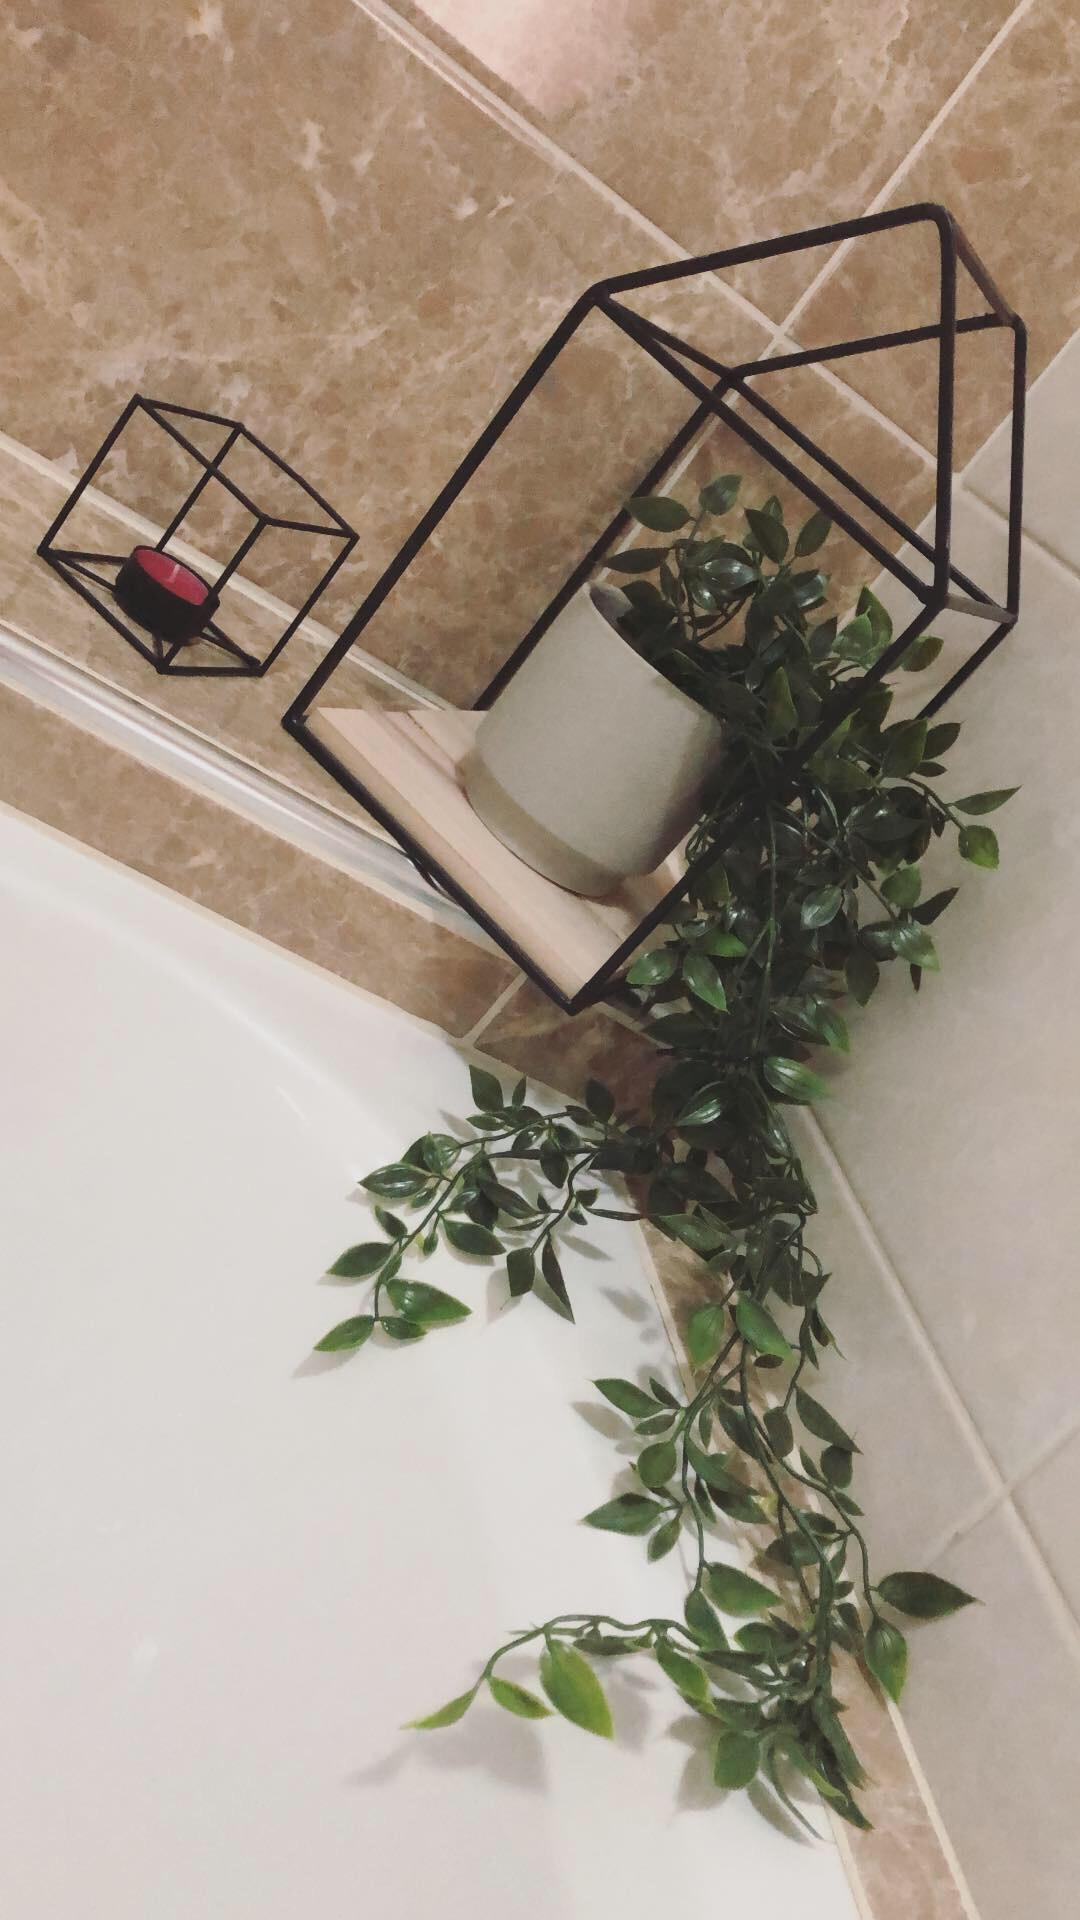 malta-koti-sisustus-kylpyhuone